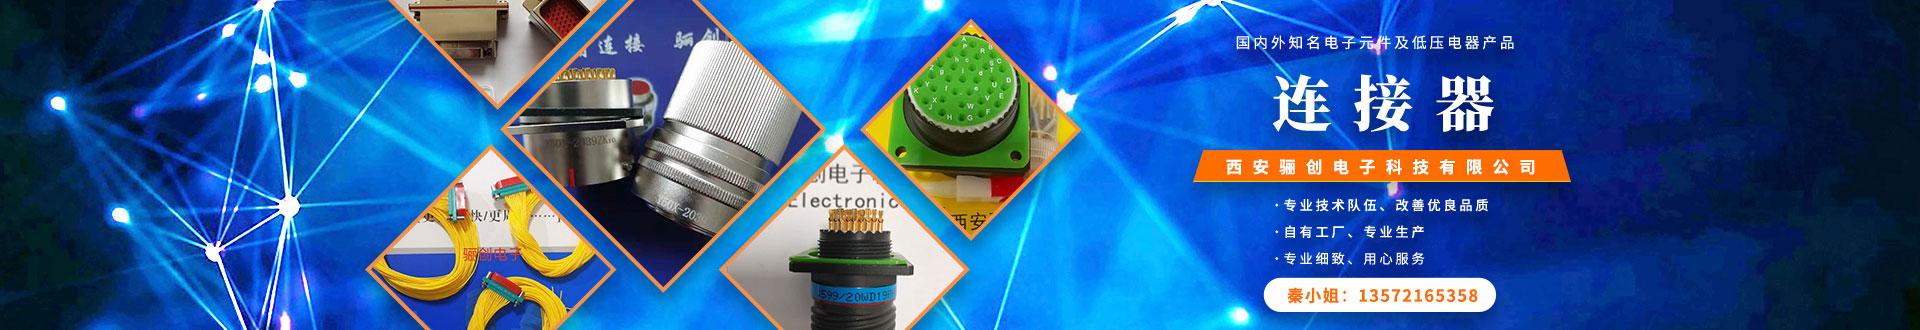 西安骊创电子科技有限公司